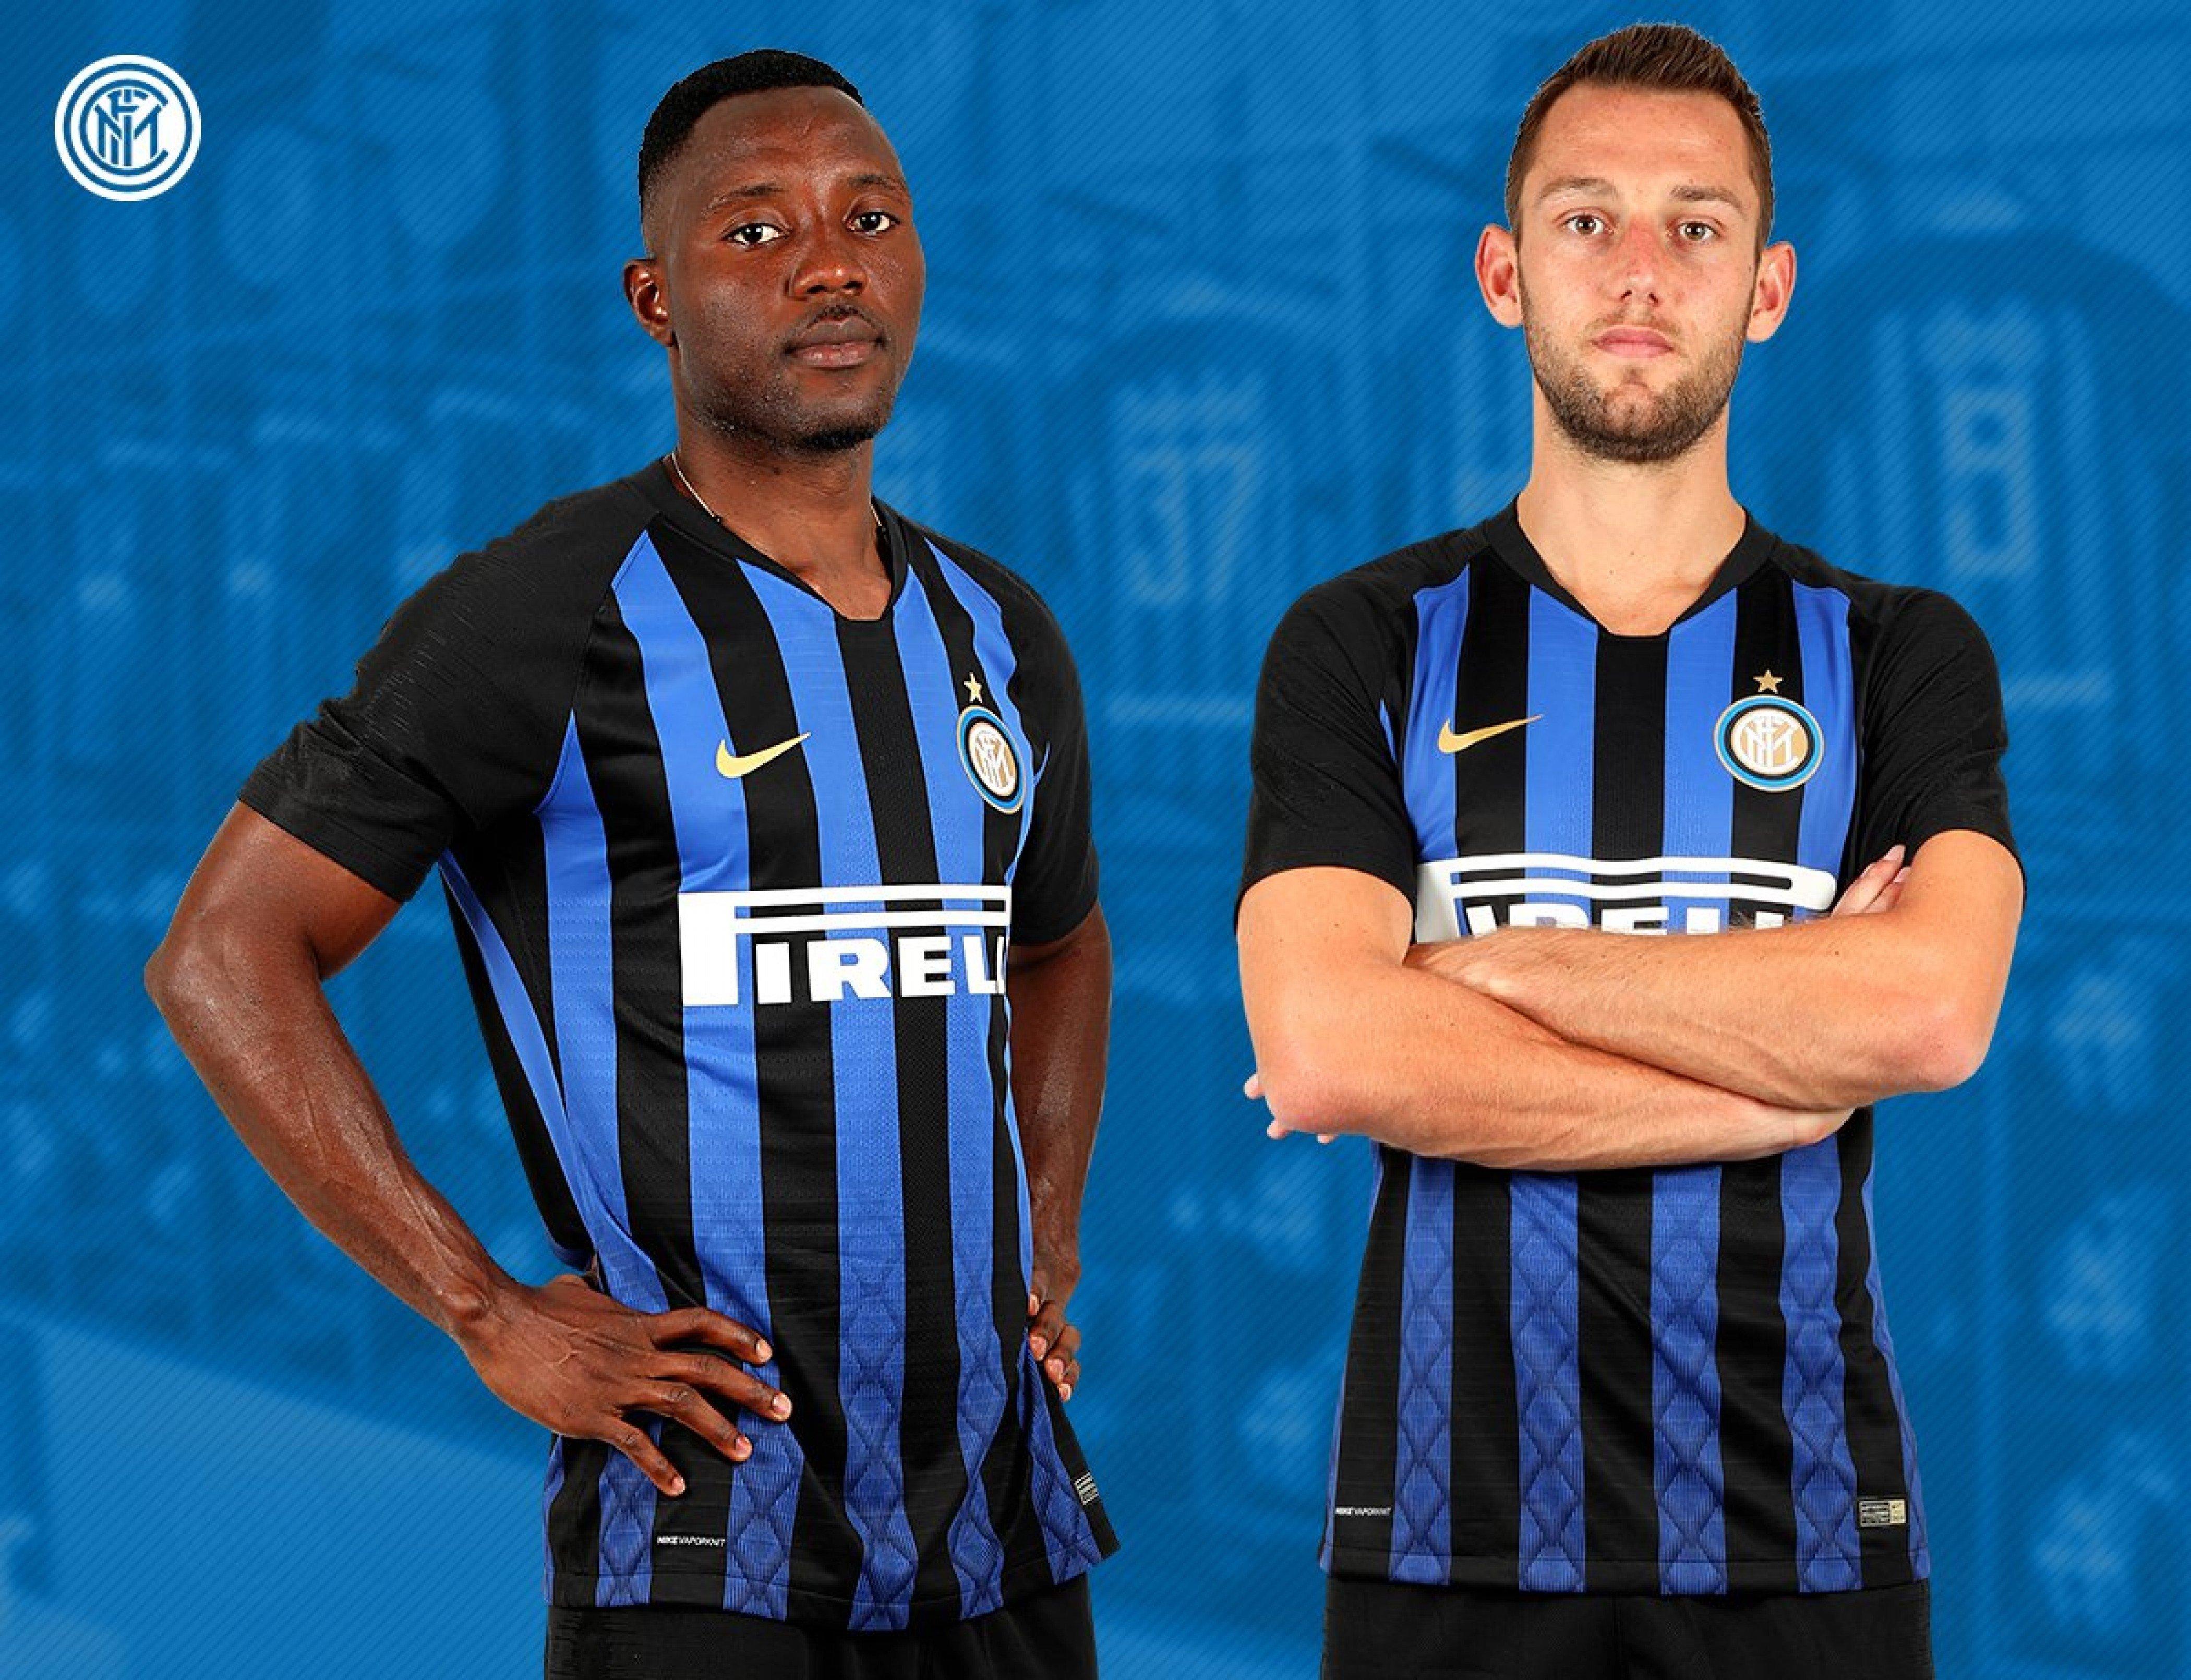 Inter, valore del brand da grande squadra europea